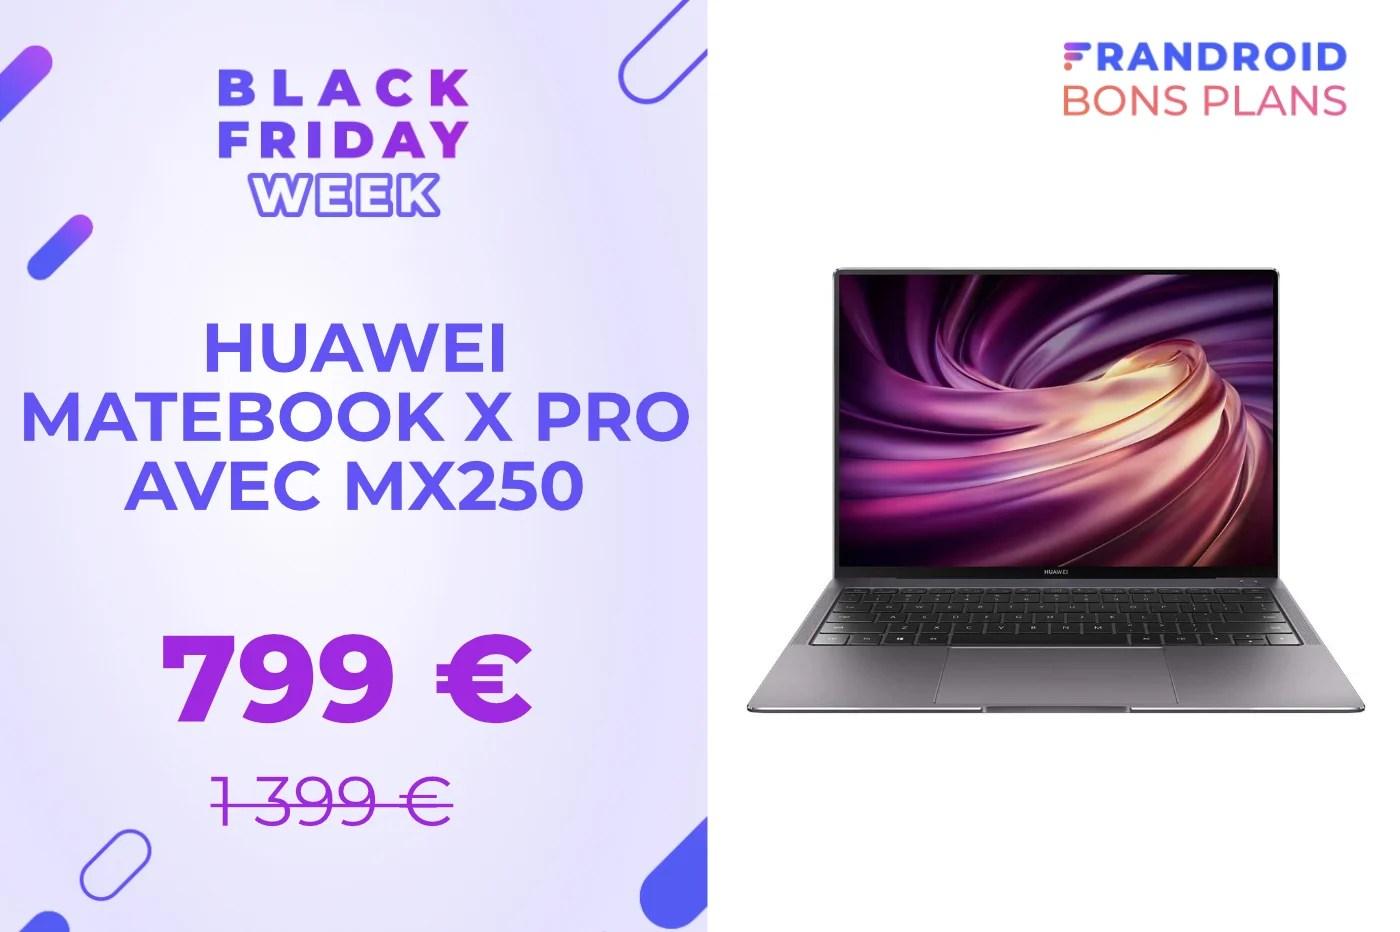 Le performant Huawei Matebook X Pro est 600 € moins cher pour le Black Friday